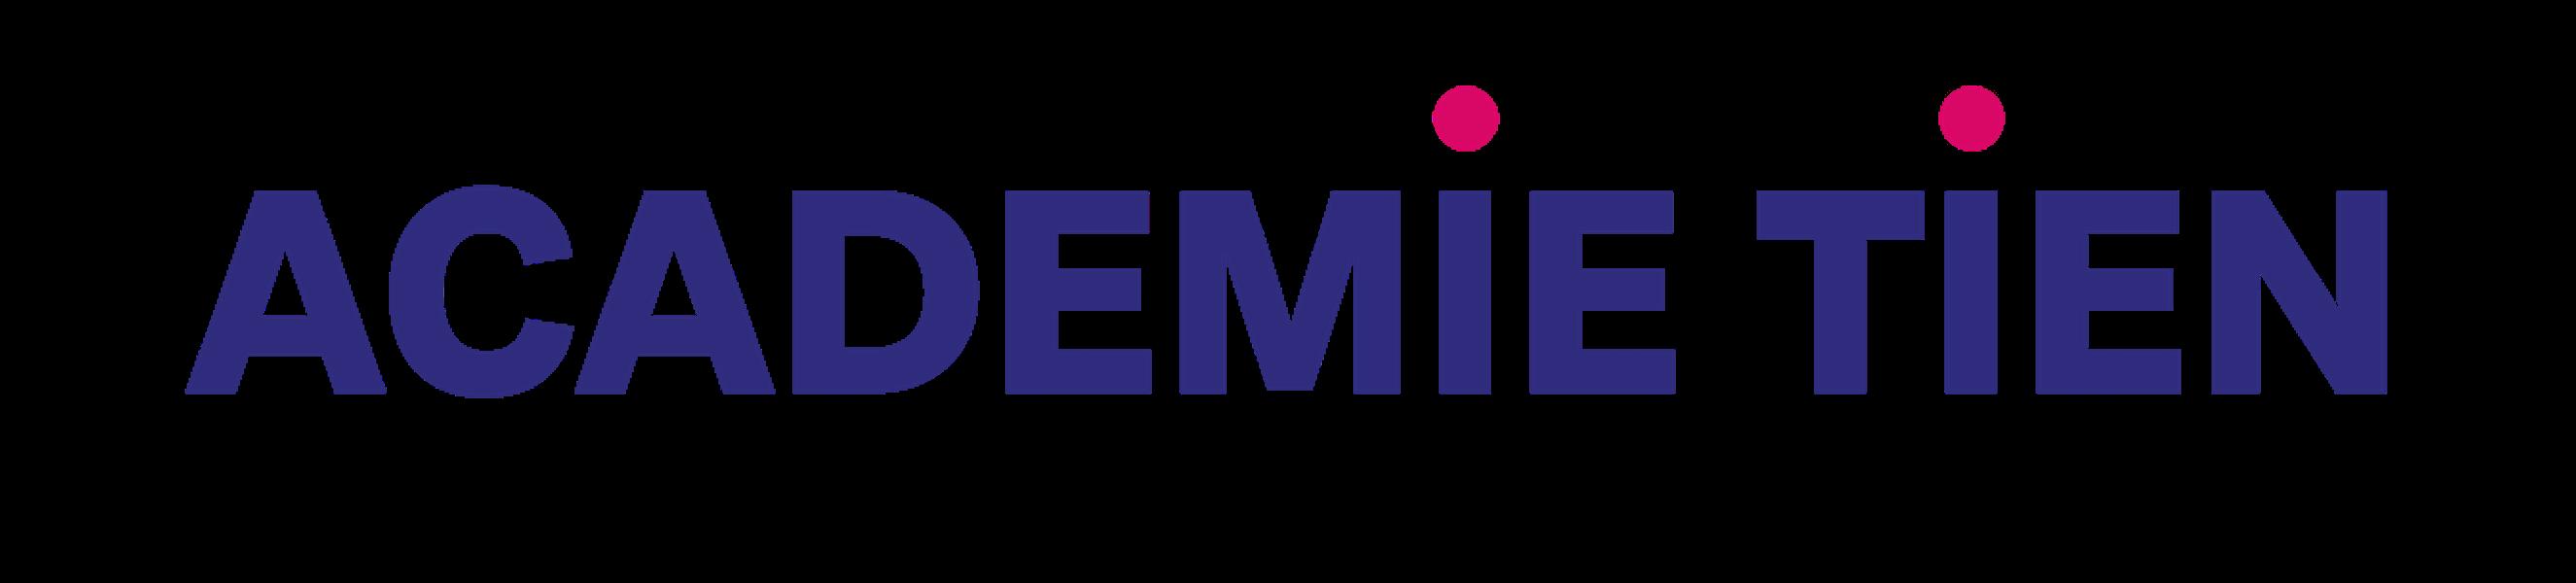 Academie Tien logo